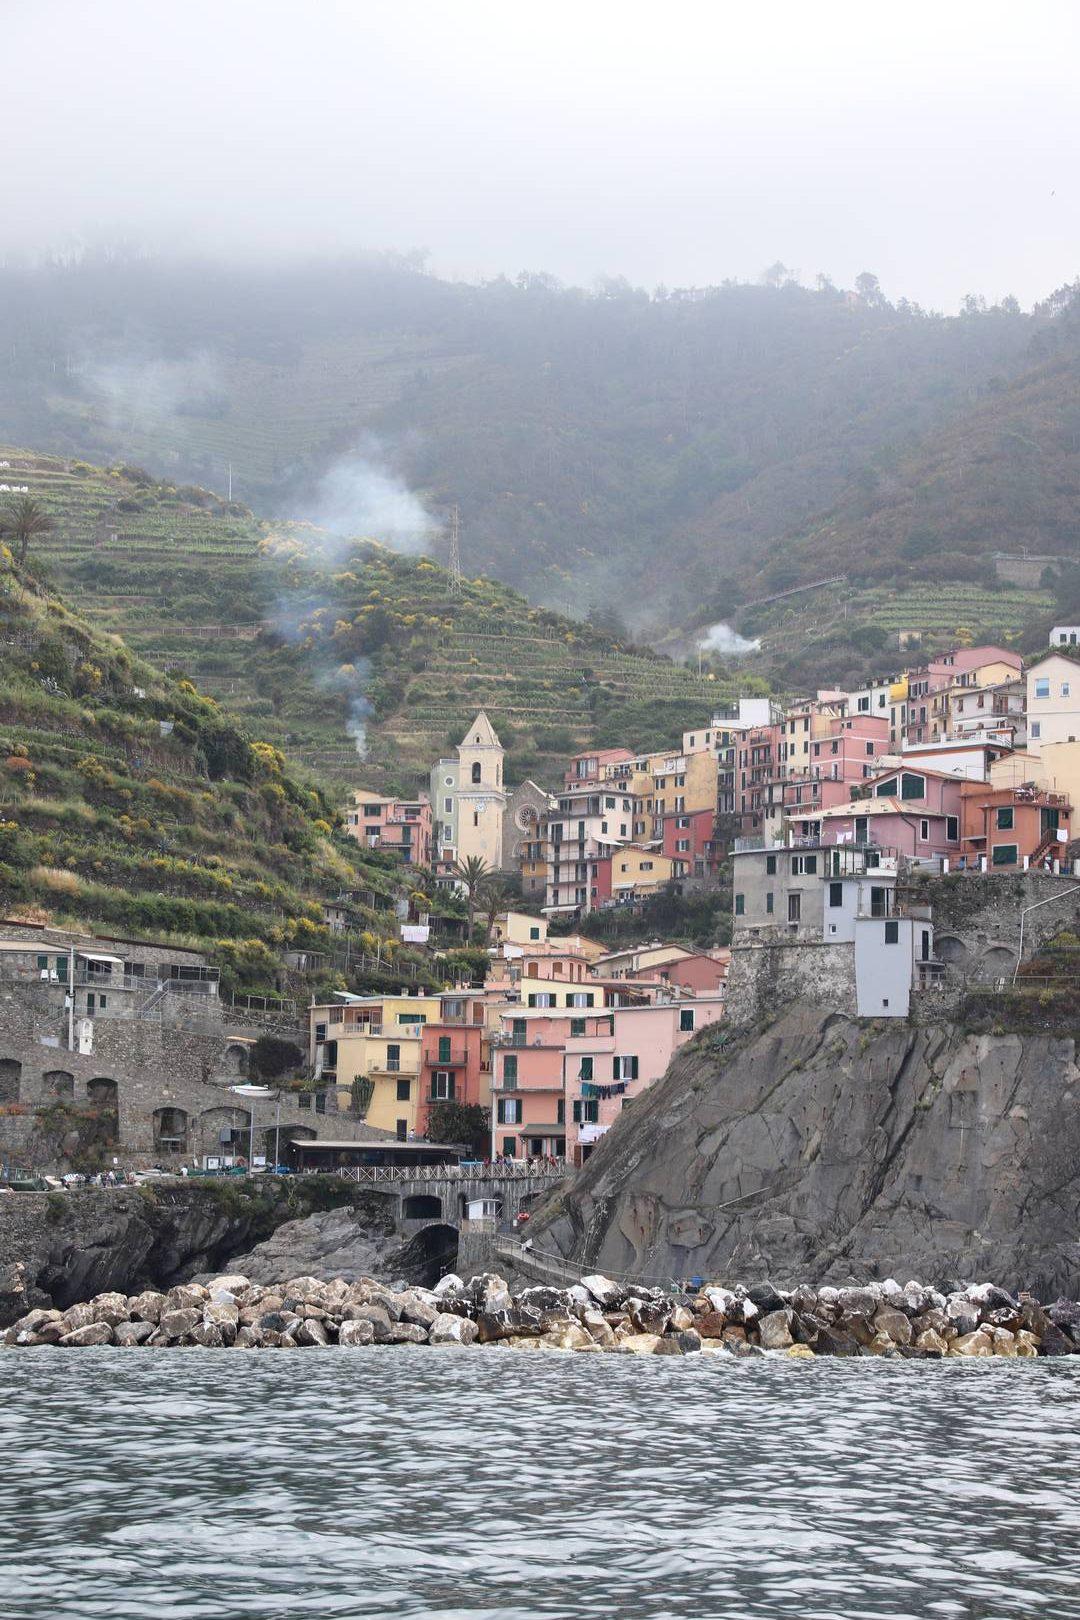 Italie - Village de Manarola, parc des cinque terre